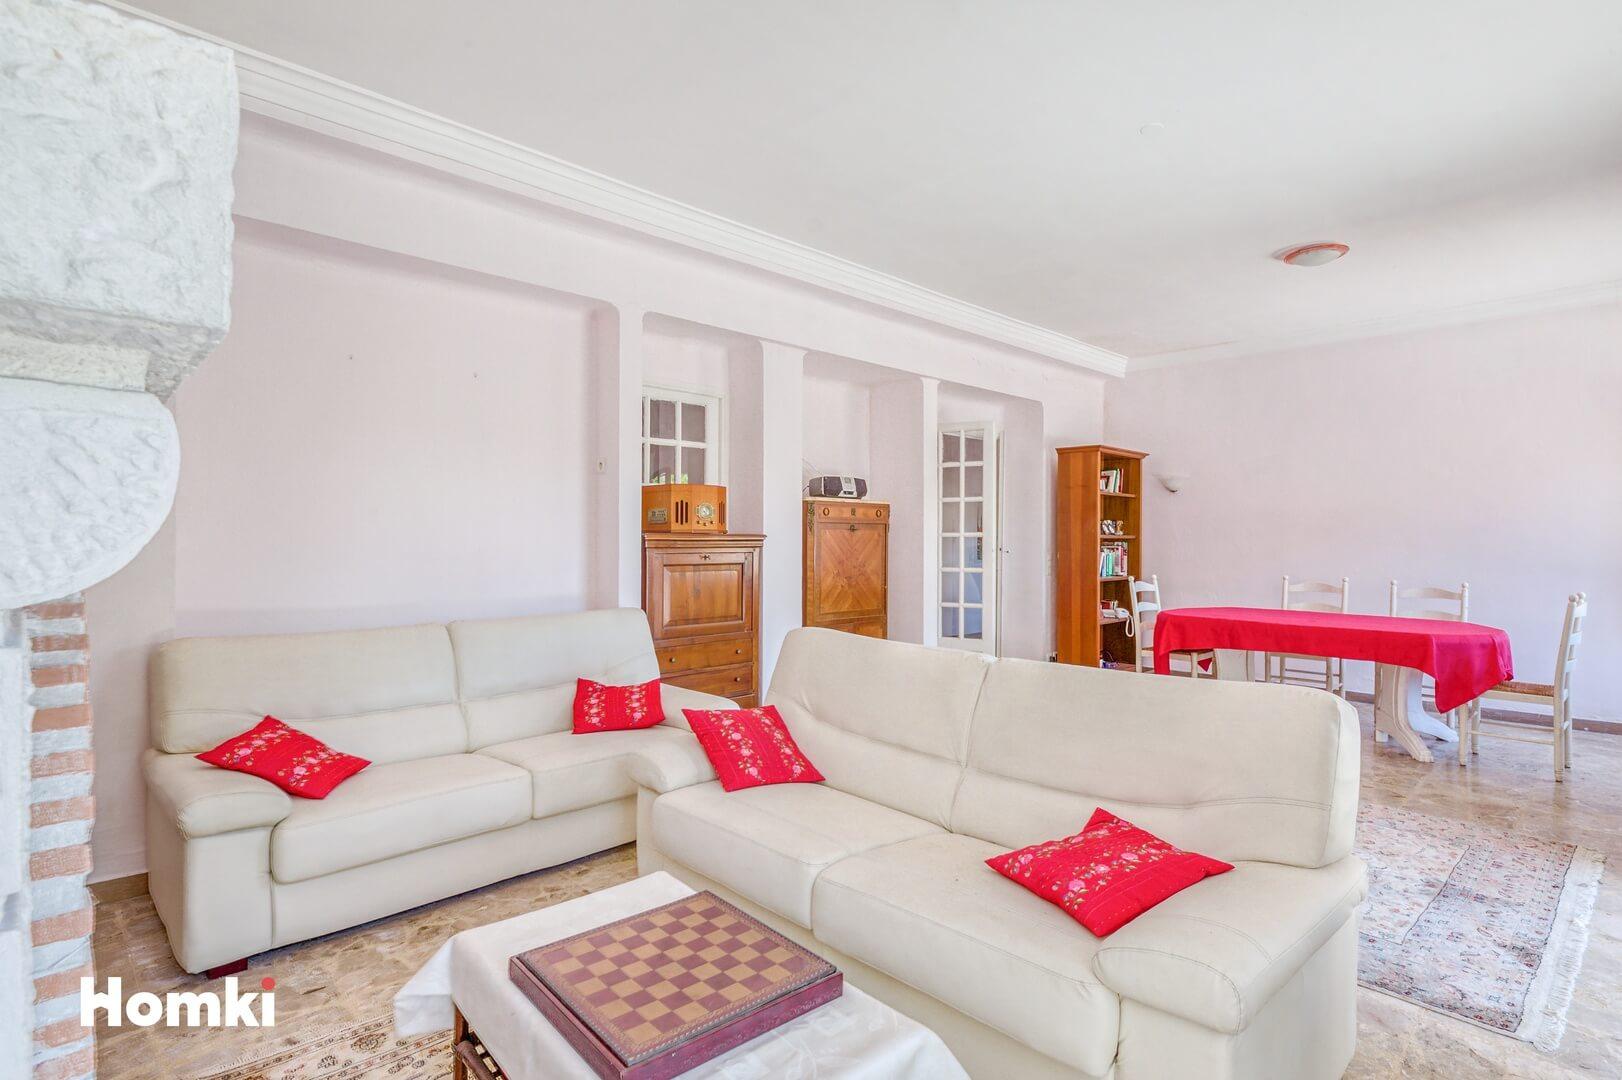 Homki - Vente Maison/villa  de 186.0 m² à Mougins 06250